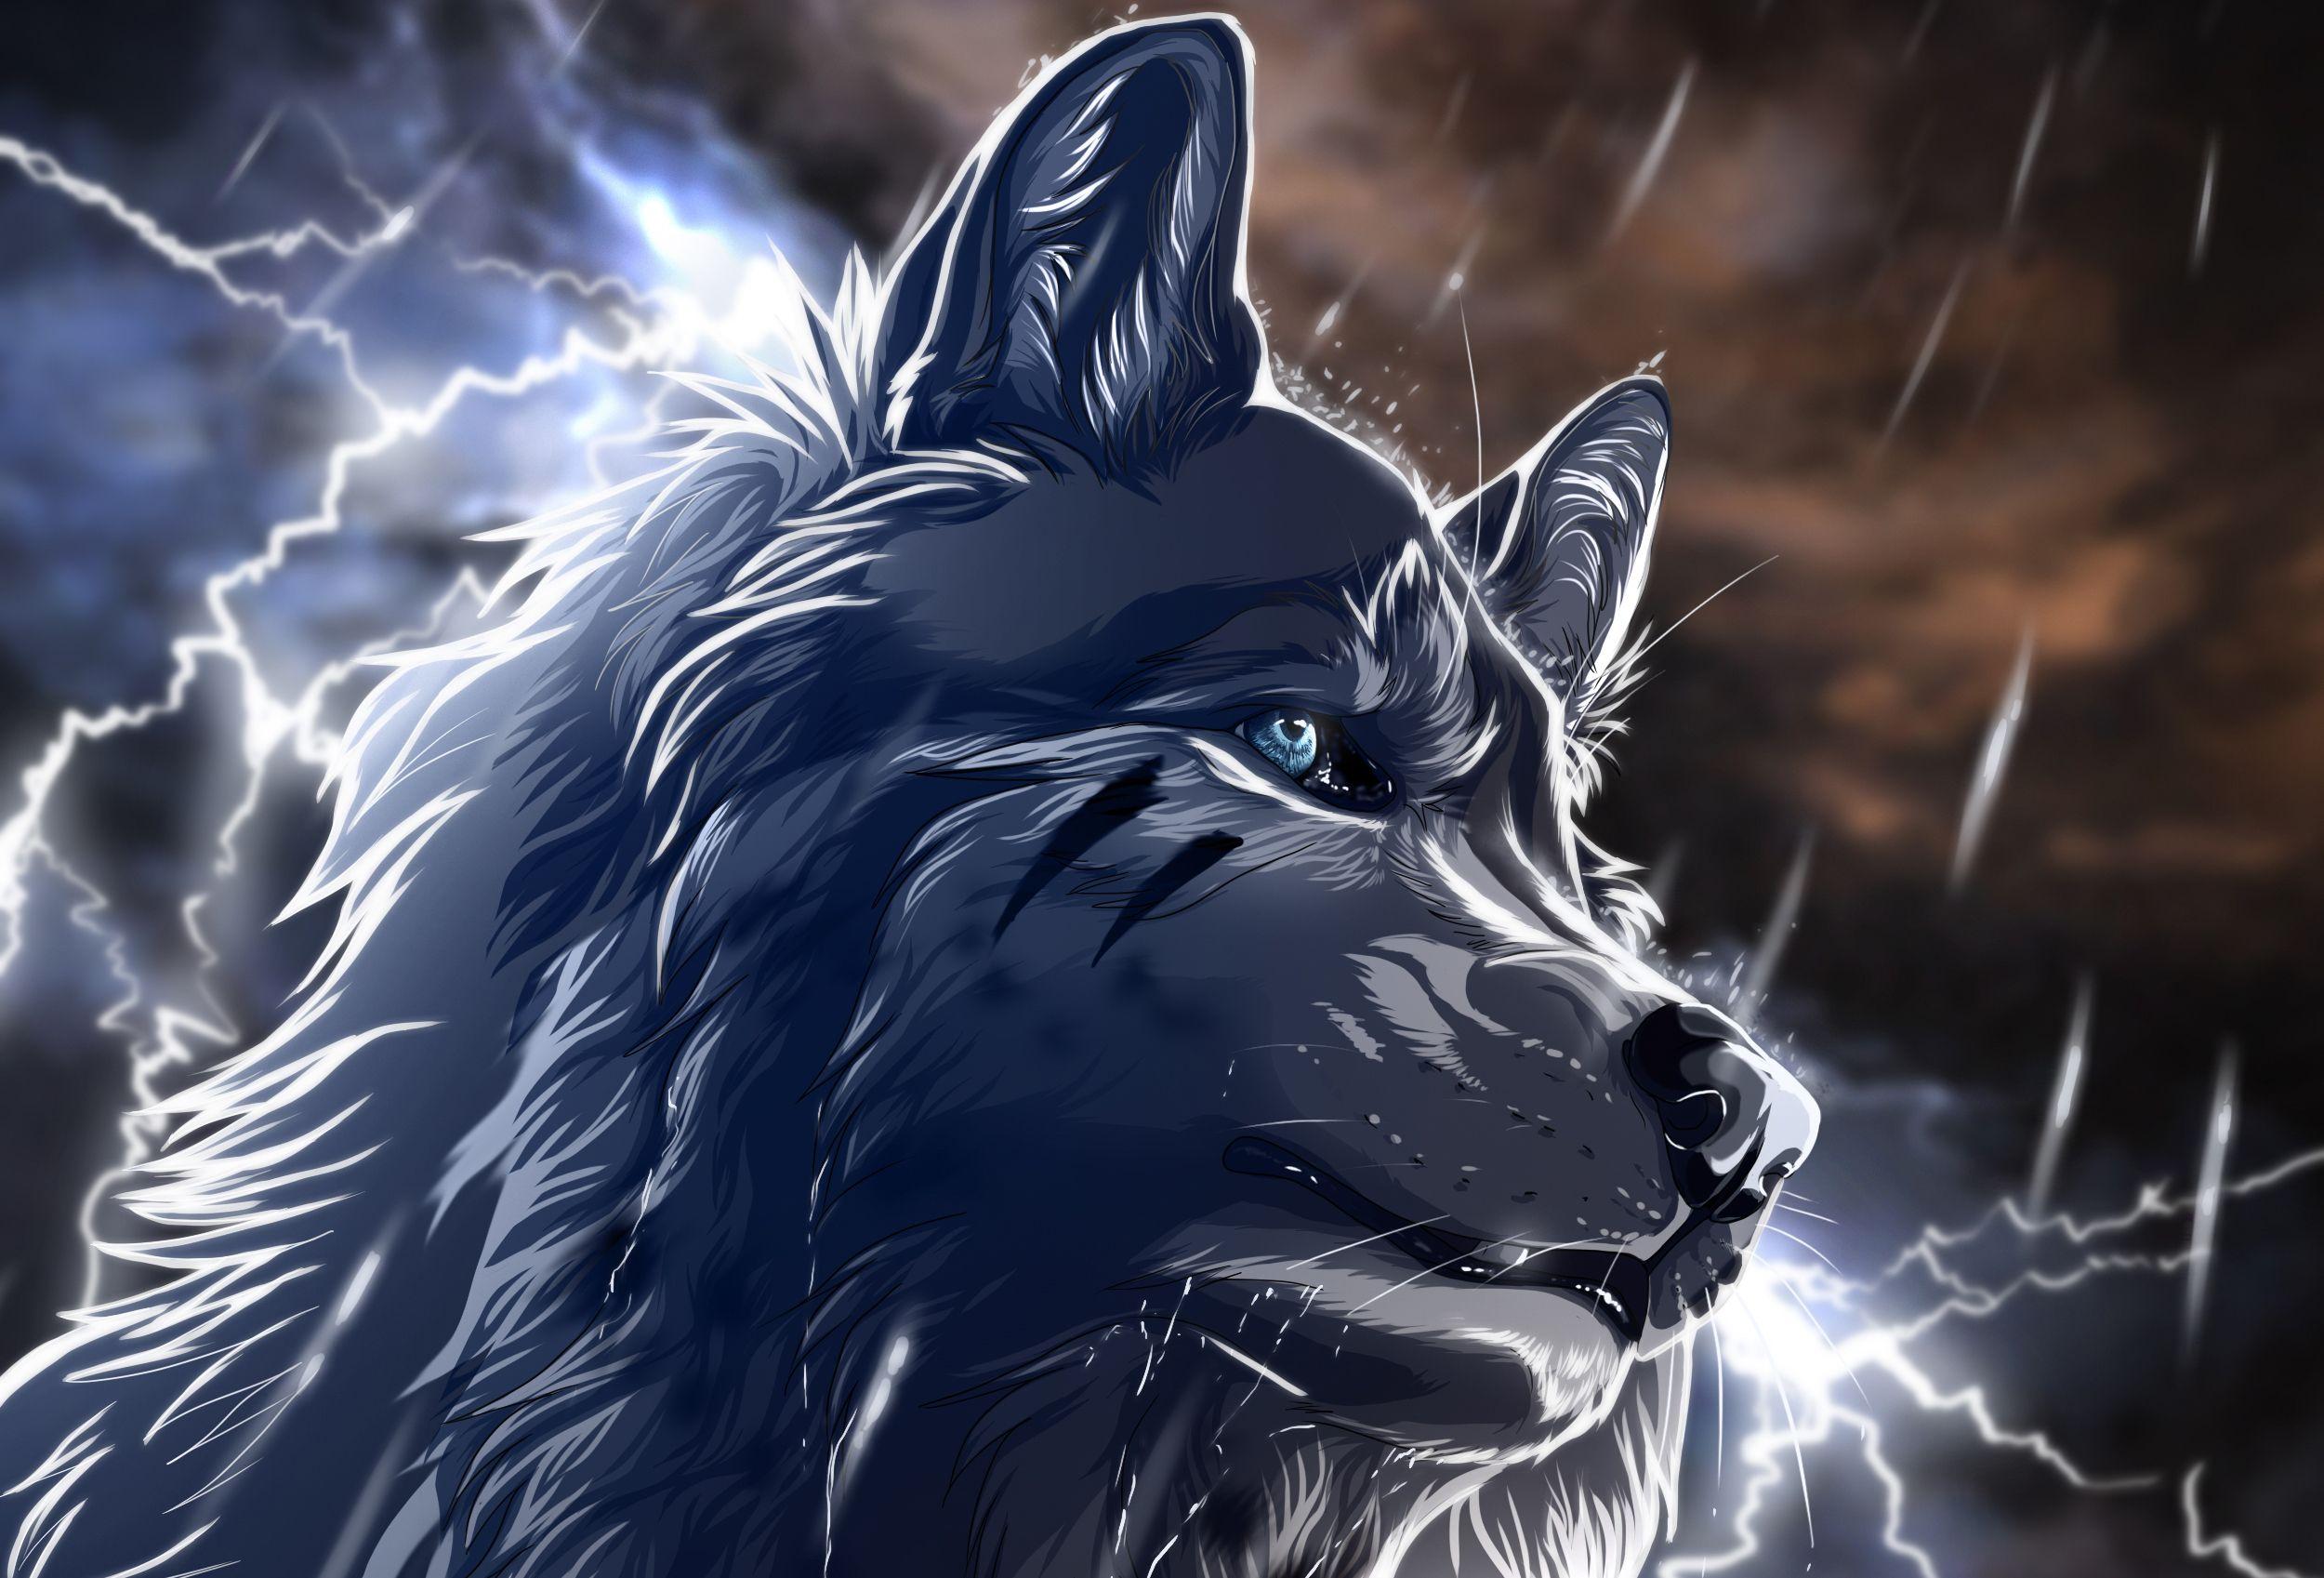 wolf boy manga Anime Wolf Boy Animewolf229266 Anime